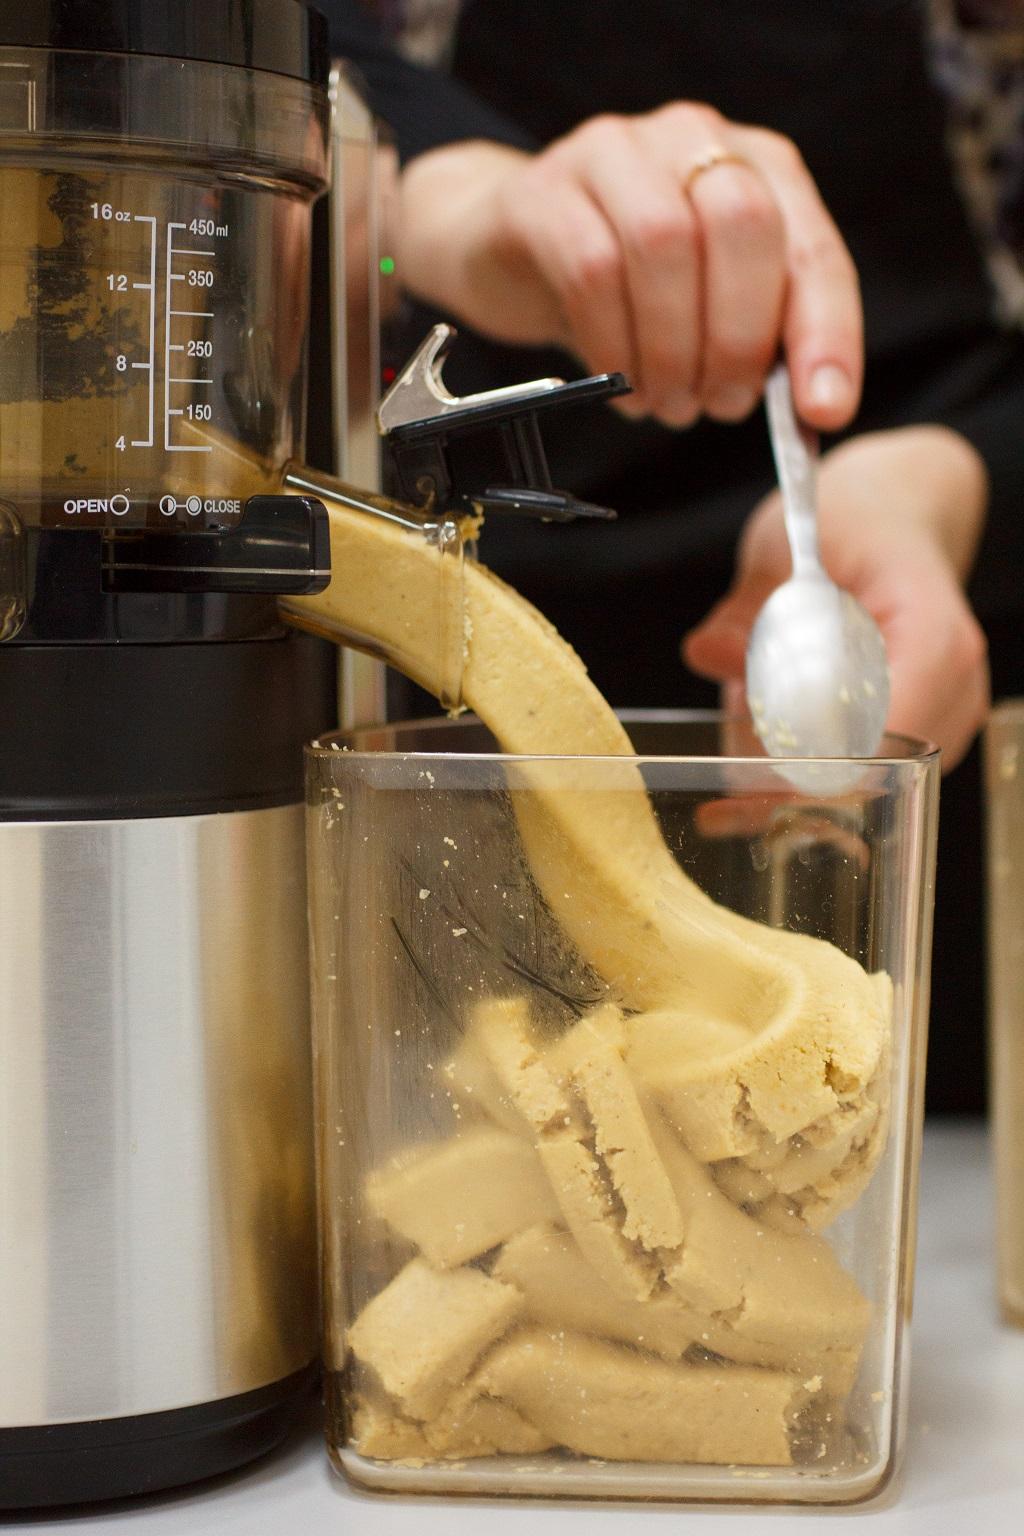 Домашняя арахисовая паста в соковыжималке Hurom Alpha